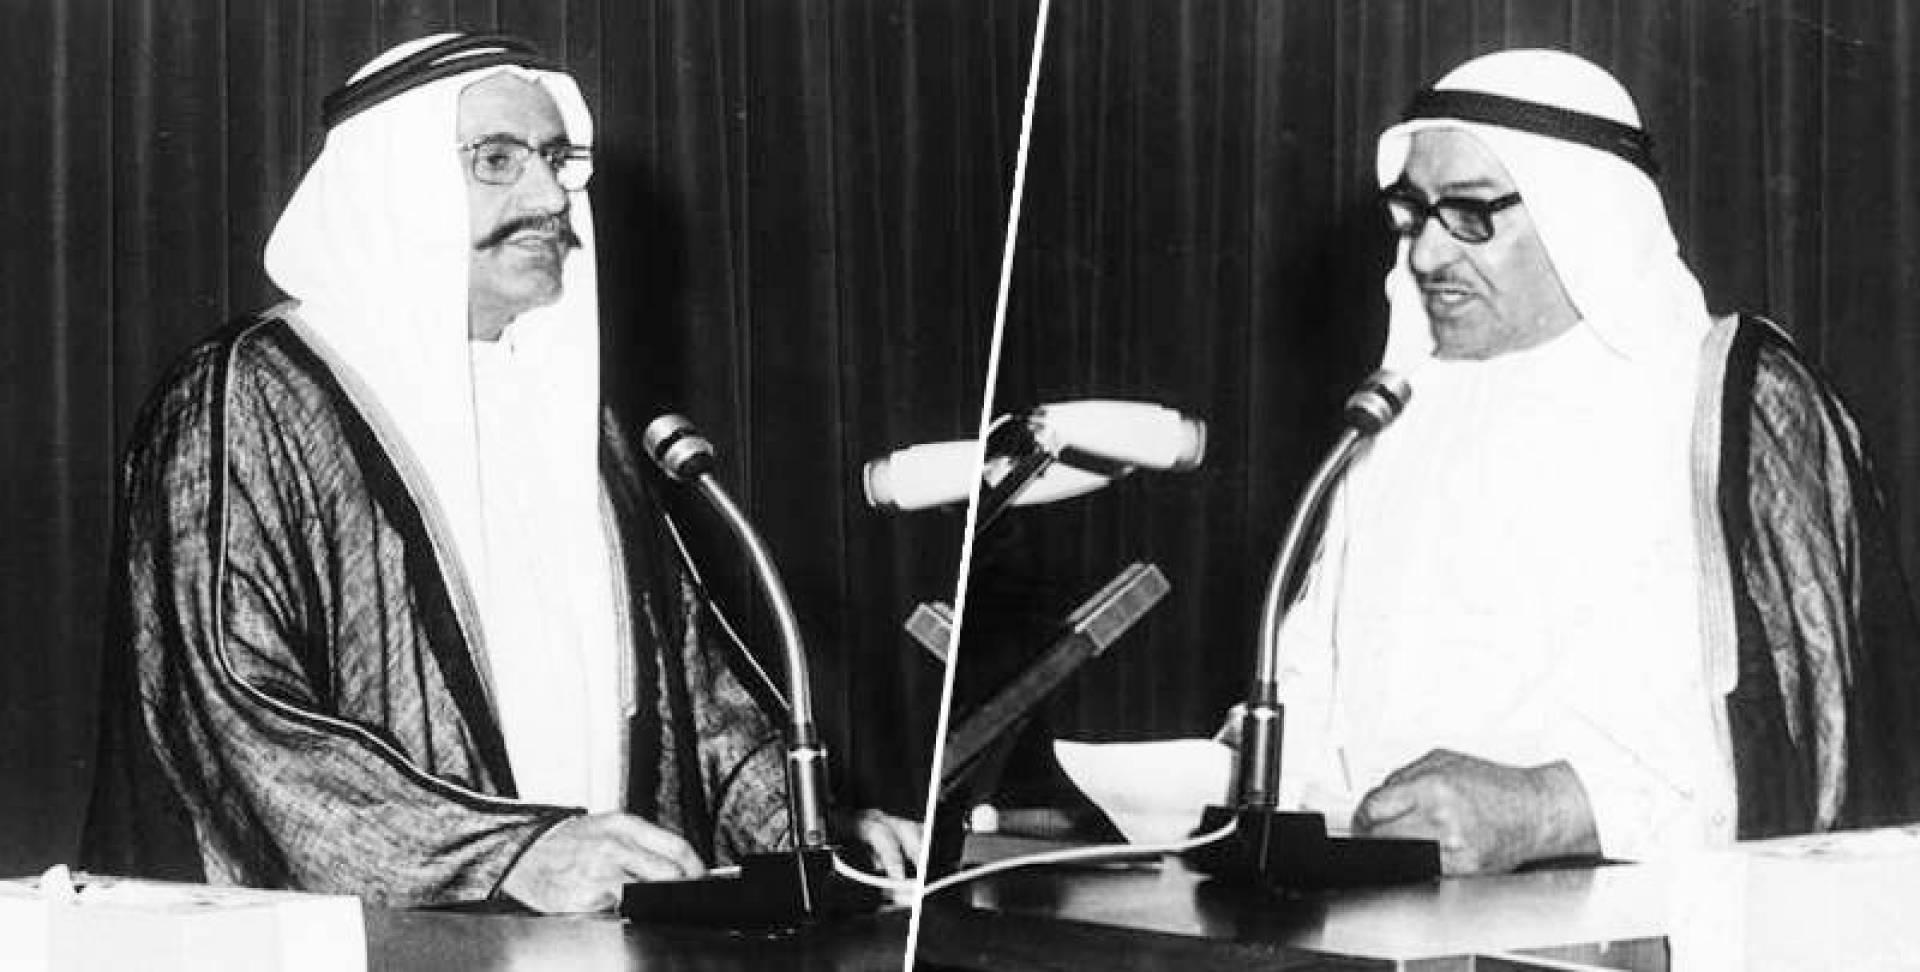 عبدالعزيز الصقر وعبدالرحمن العتيقي.. صورة أرشيفية